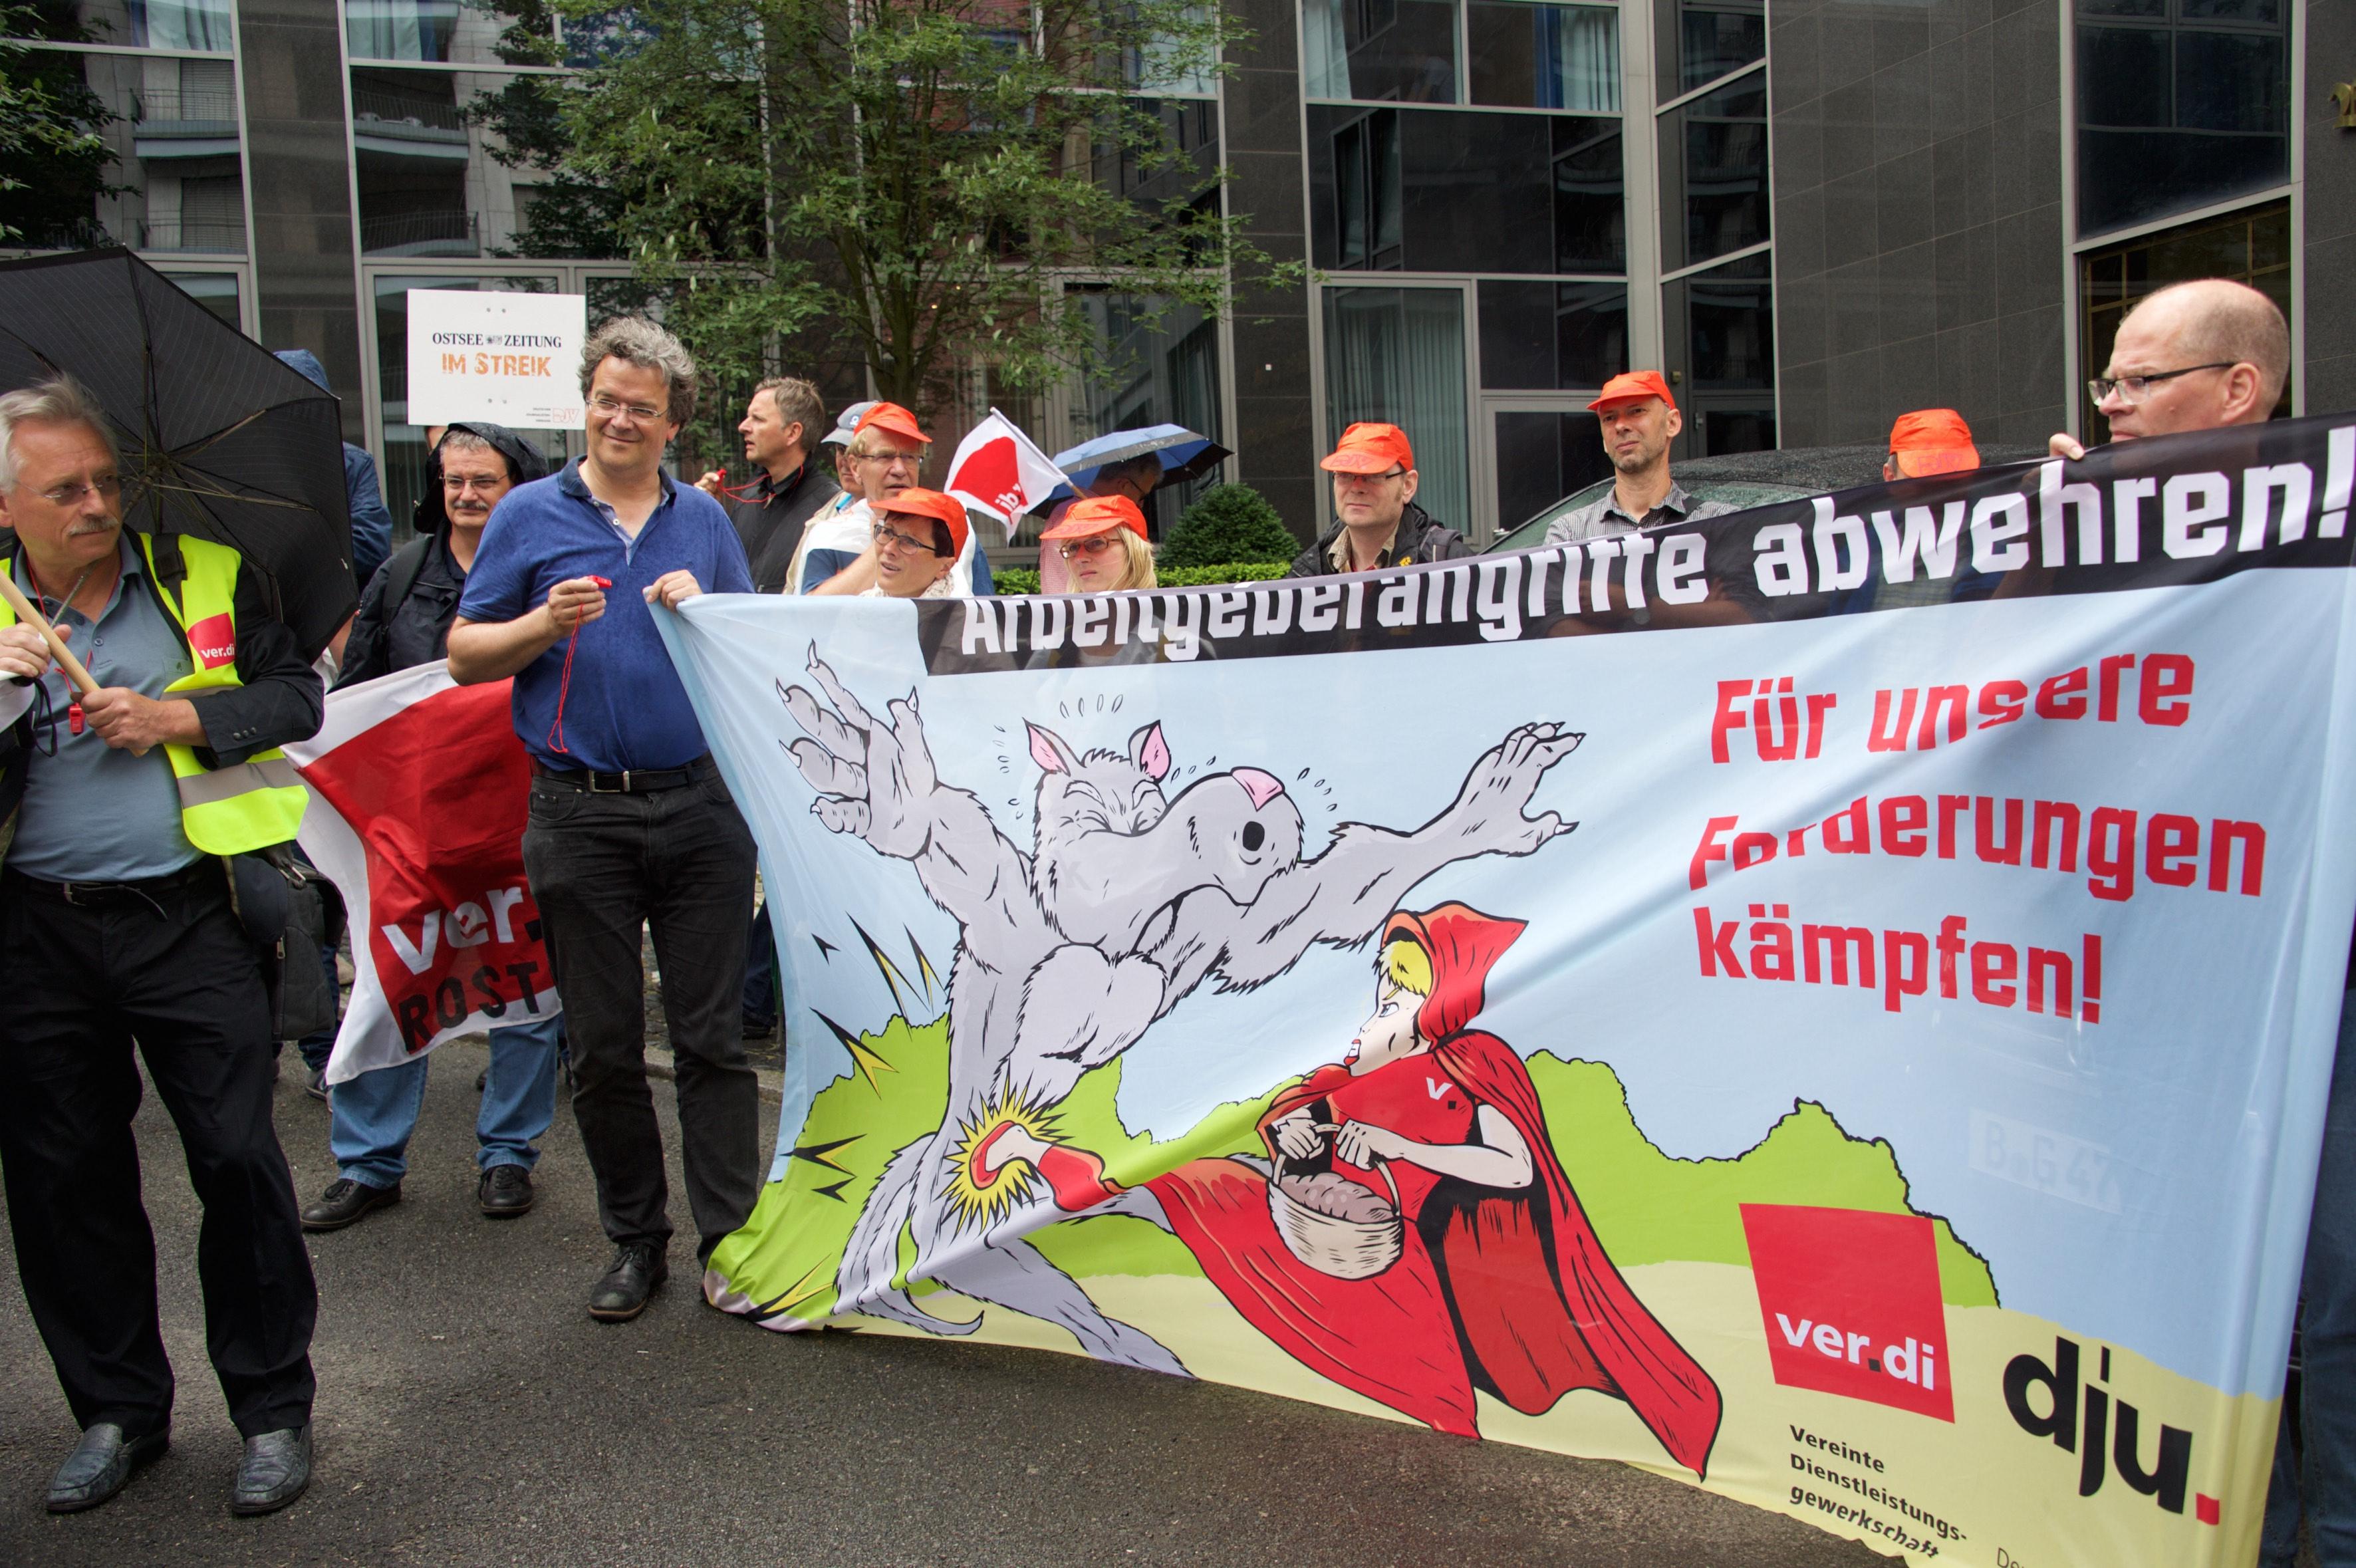 Journalist_innen aus Niedersachsen, Mecklenburg-Vorpommern und Berlin demonstrieren zu Beginn der 5. Tarifverhandlunsgrunde vor dem Maritim proArte Hotel in BerlinFoto: Gabriele Senft